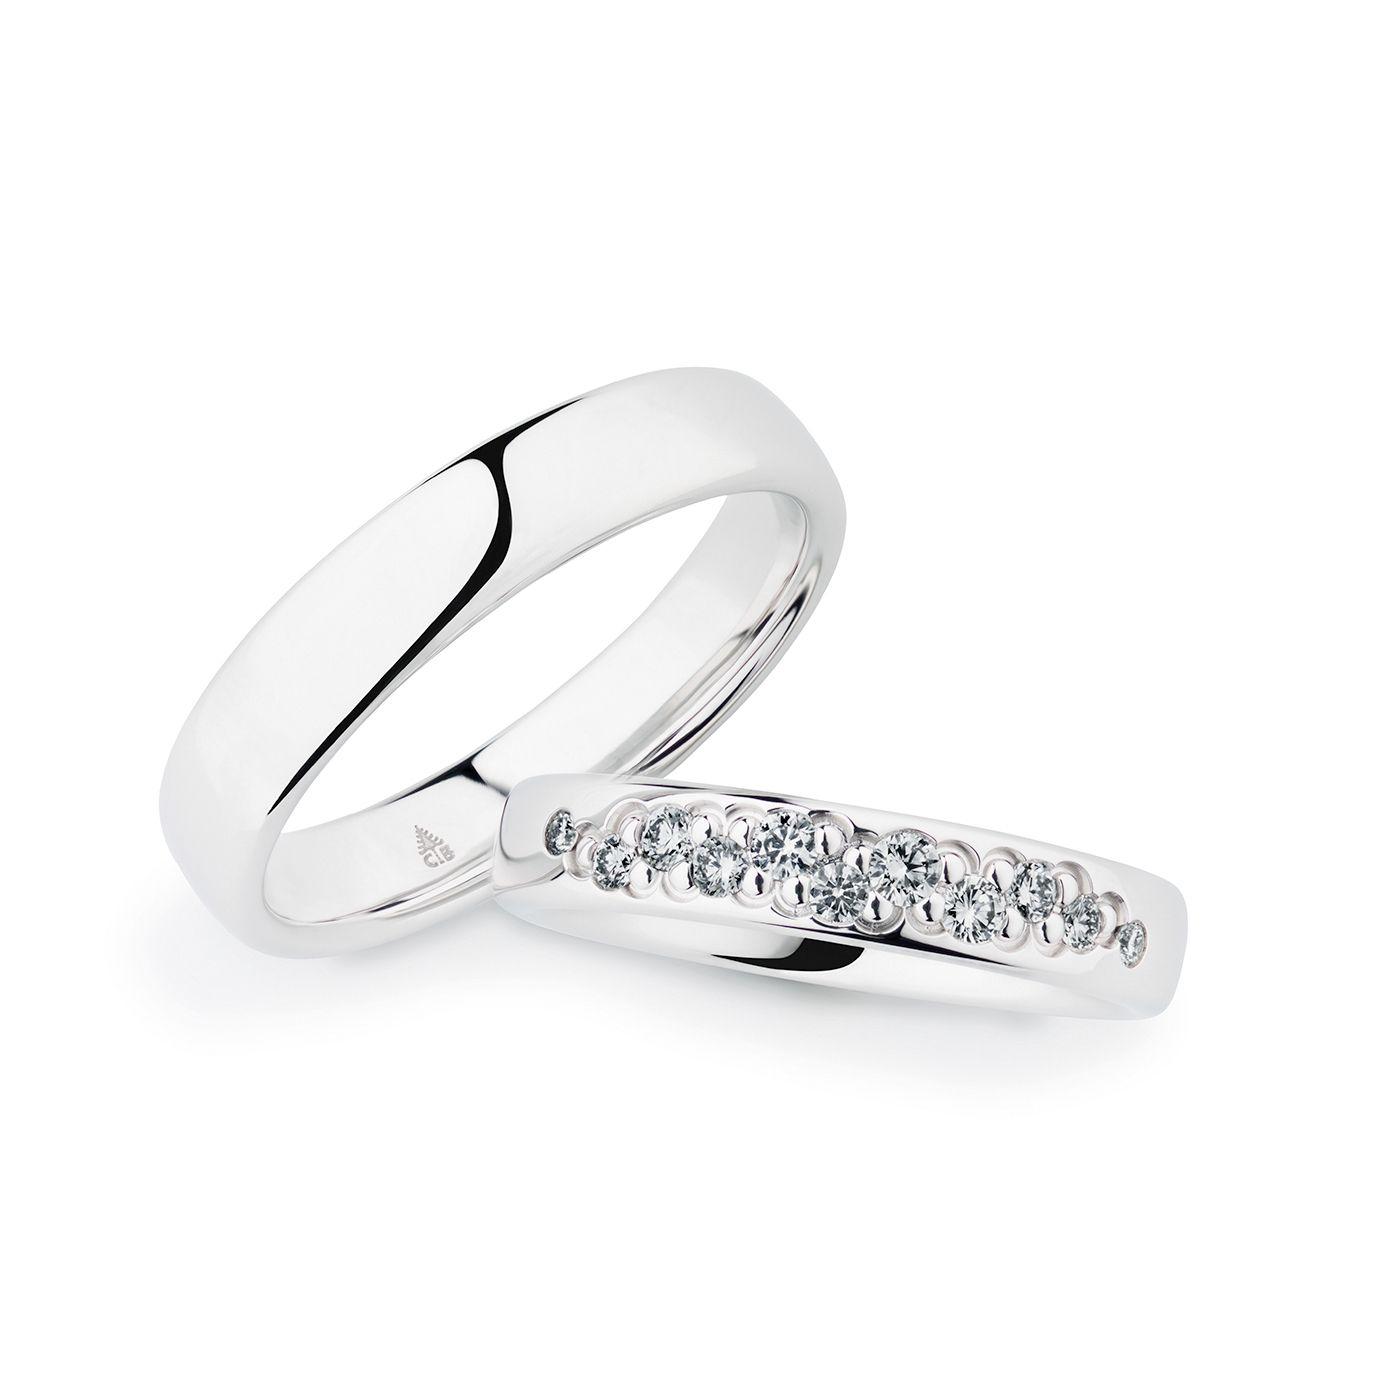 Außergewöhnliche Fassung der Diamanten! Tolle Eheringe aus